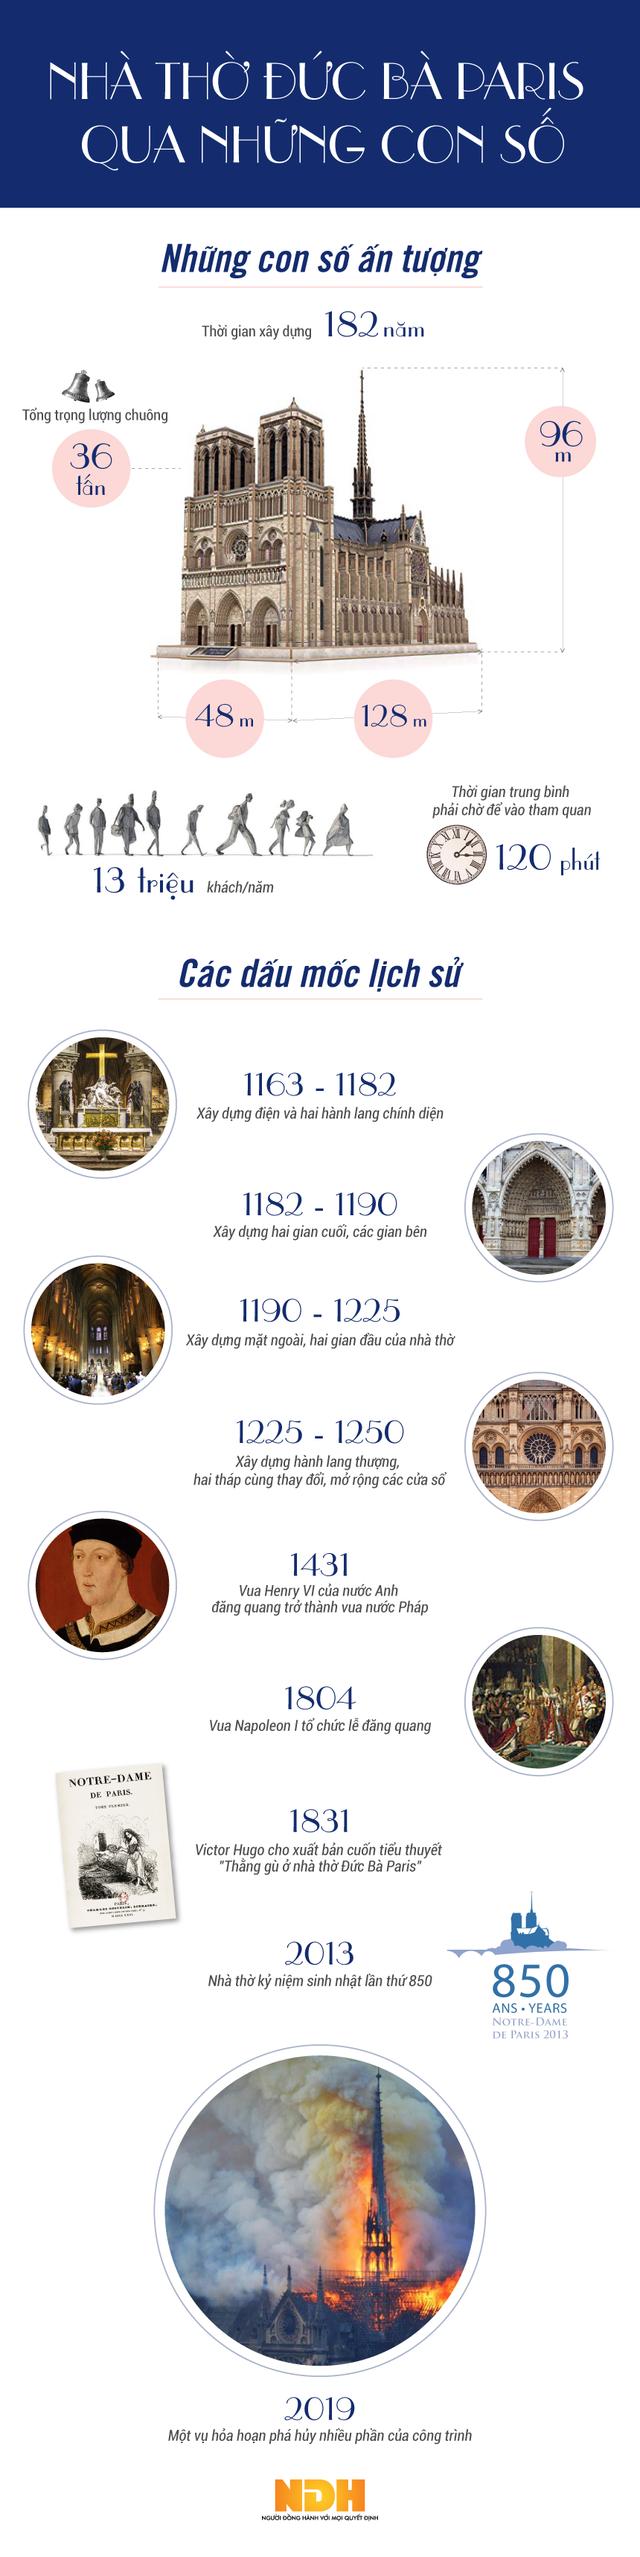 [Infographic] Nhà thờ Đức Bà Paris qua những con số - Ảnh 1.